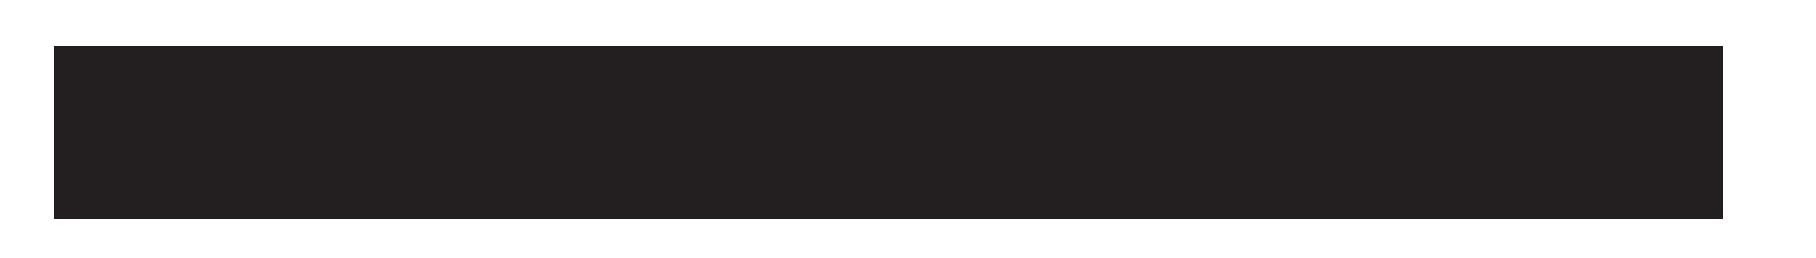 Awesomemarketing_mobile_logo